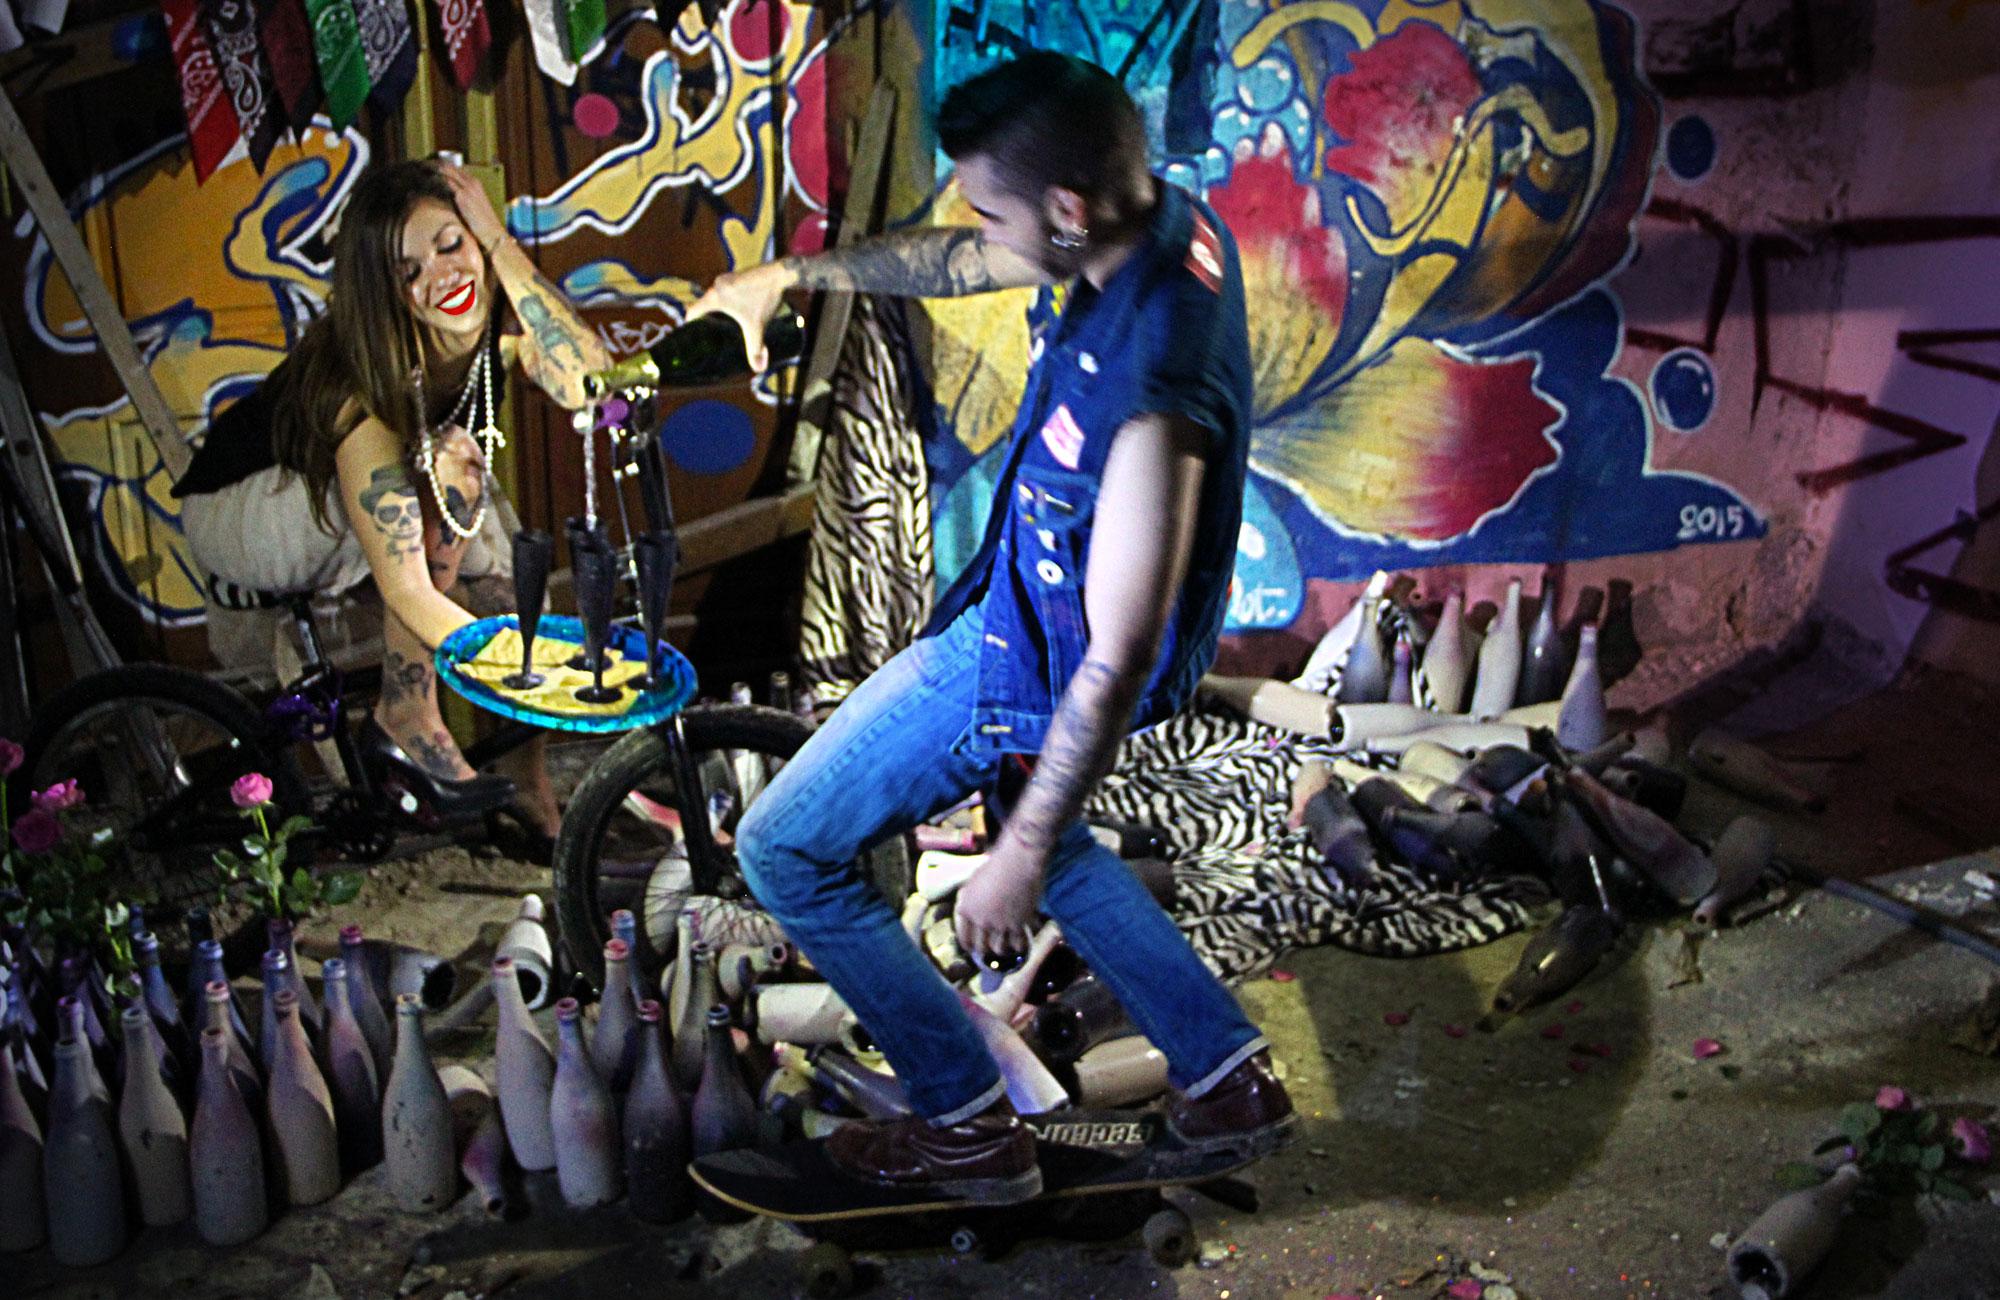 Aïtana Design, Caroline Viollier, graphisme, direction artistique, création graphique, design graphique, branding, Biarritz, Paris, studio de création, exposition, tatoués, champagne, irrévérence, skate, squat